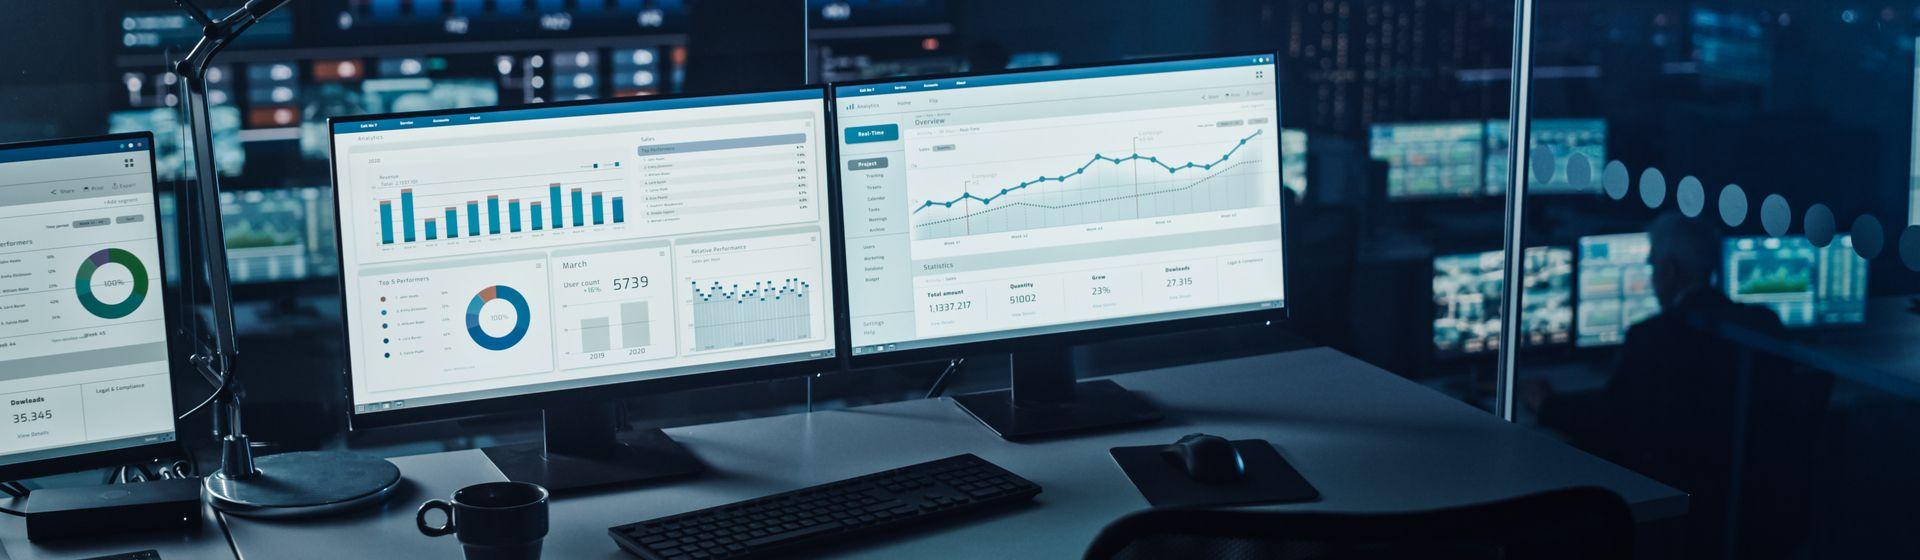 Melhor monitor 75Hz para comprar em 2021: 8 opções comuns ou gamer